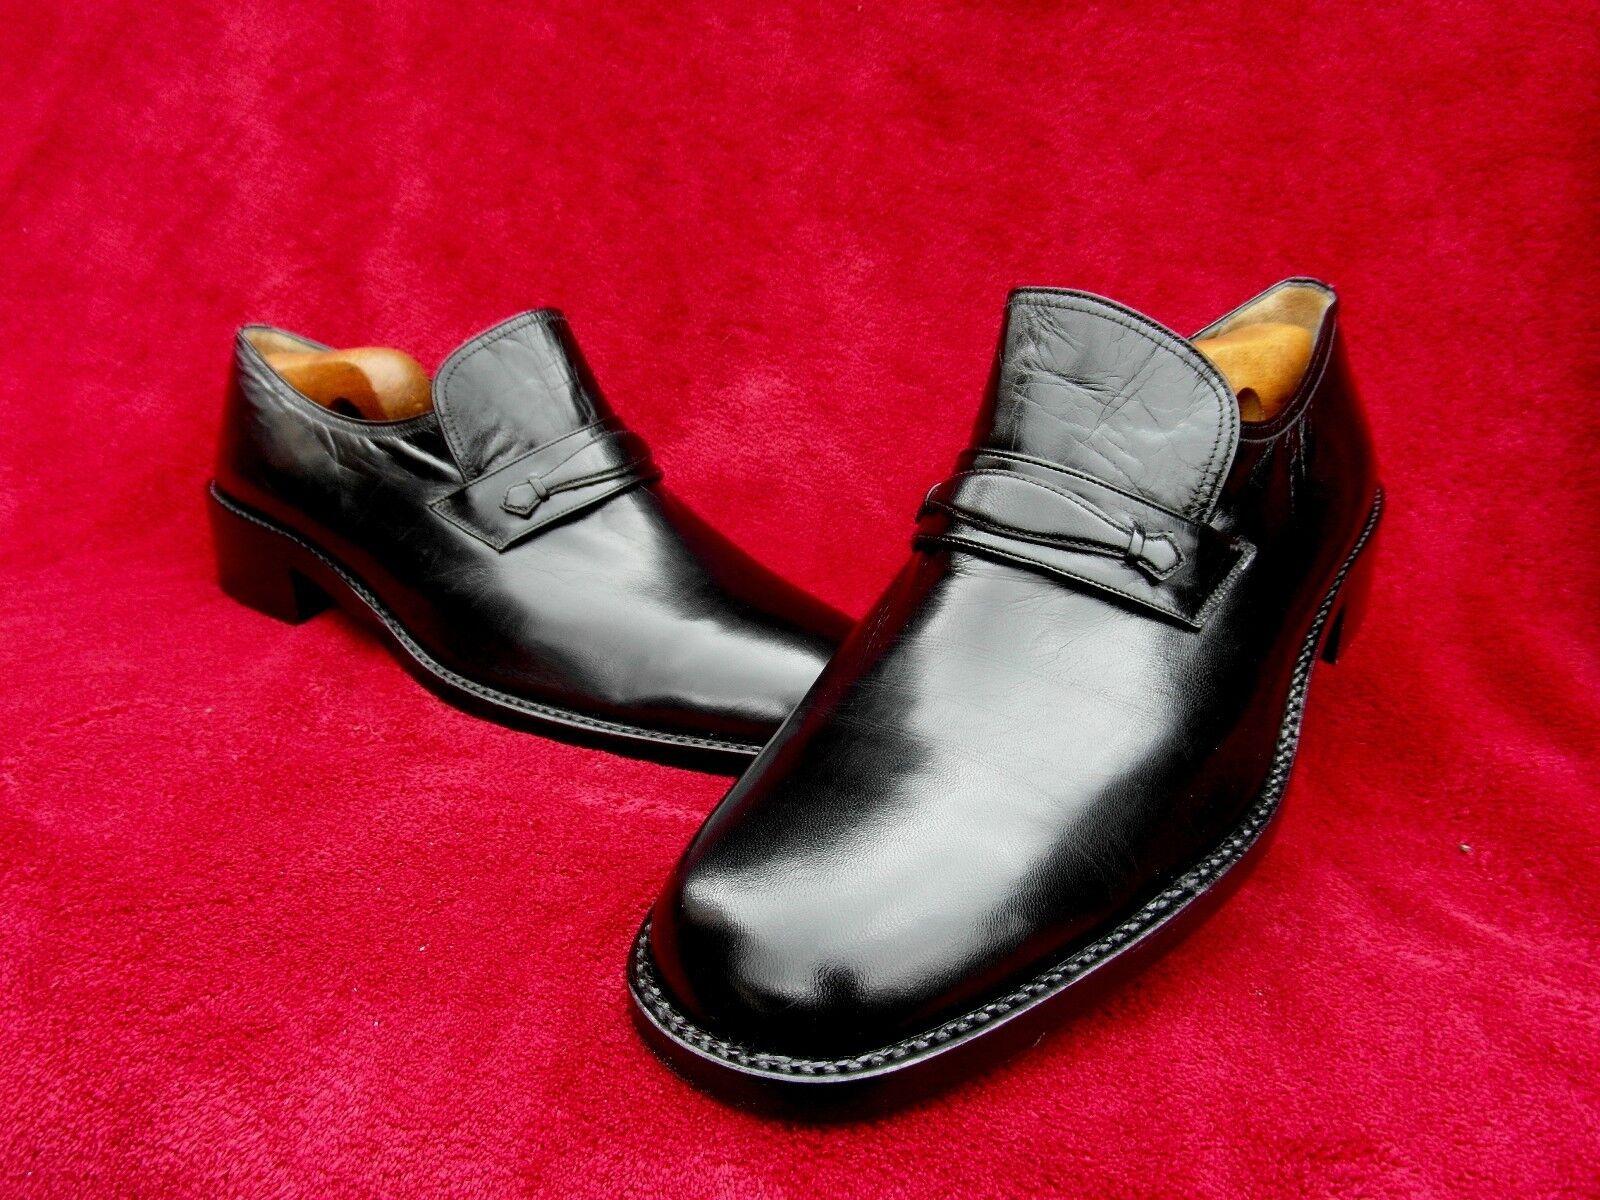 Einmal getragene MORESCHI Loafer-Slipper-RBHMENGENÄHT-43-43,5-Black Series-TOP